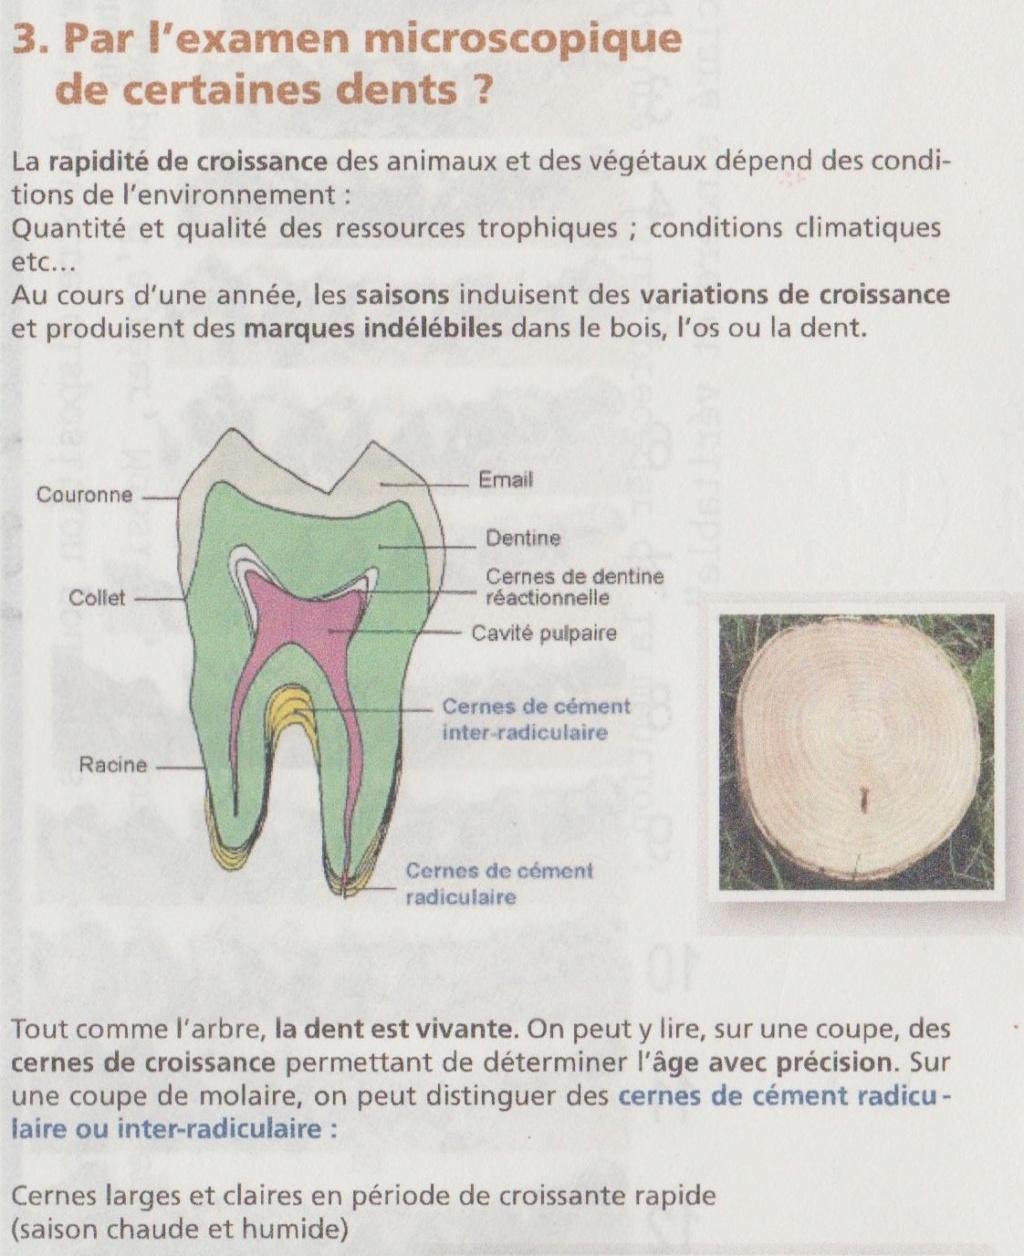 DETERMINATION DE L'AGE DES CHEVREUILS Ag_cer10